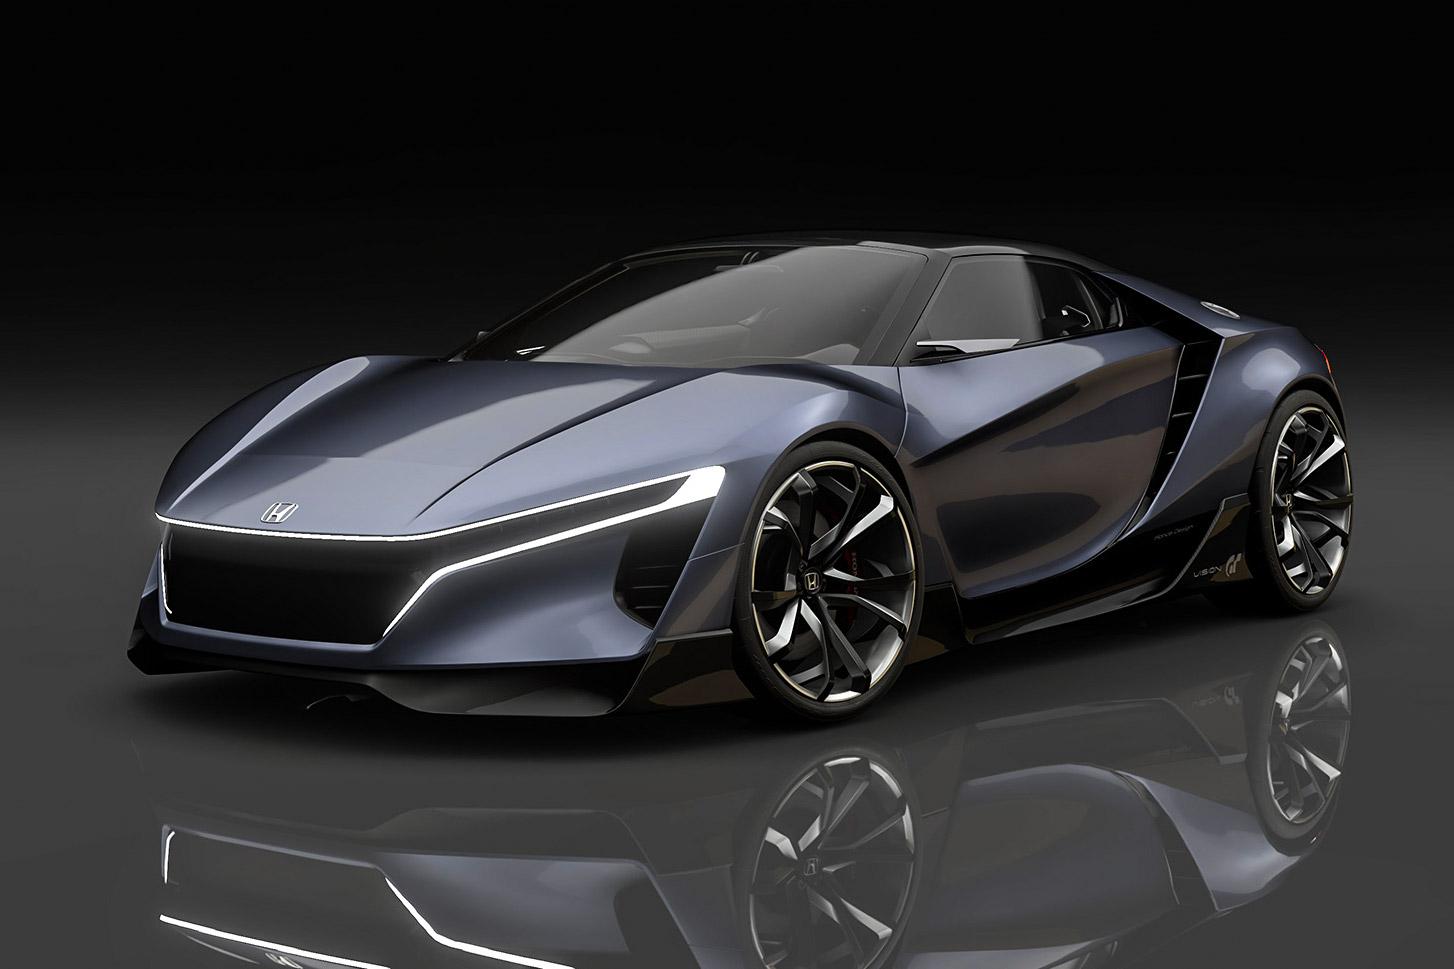 Honda Sports Vision Gran Turismo Concept